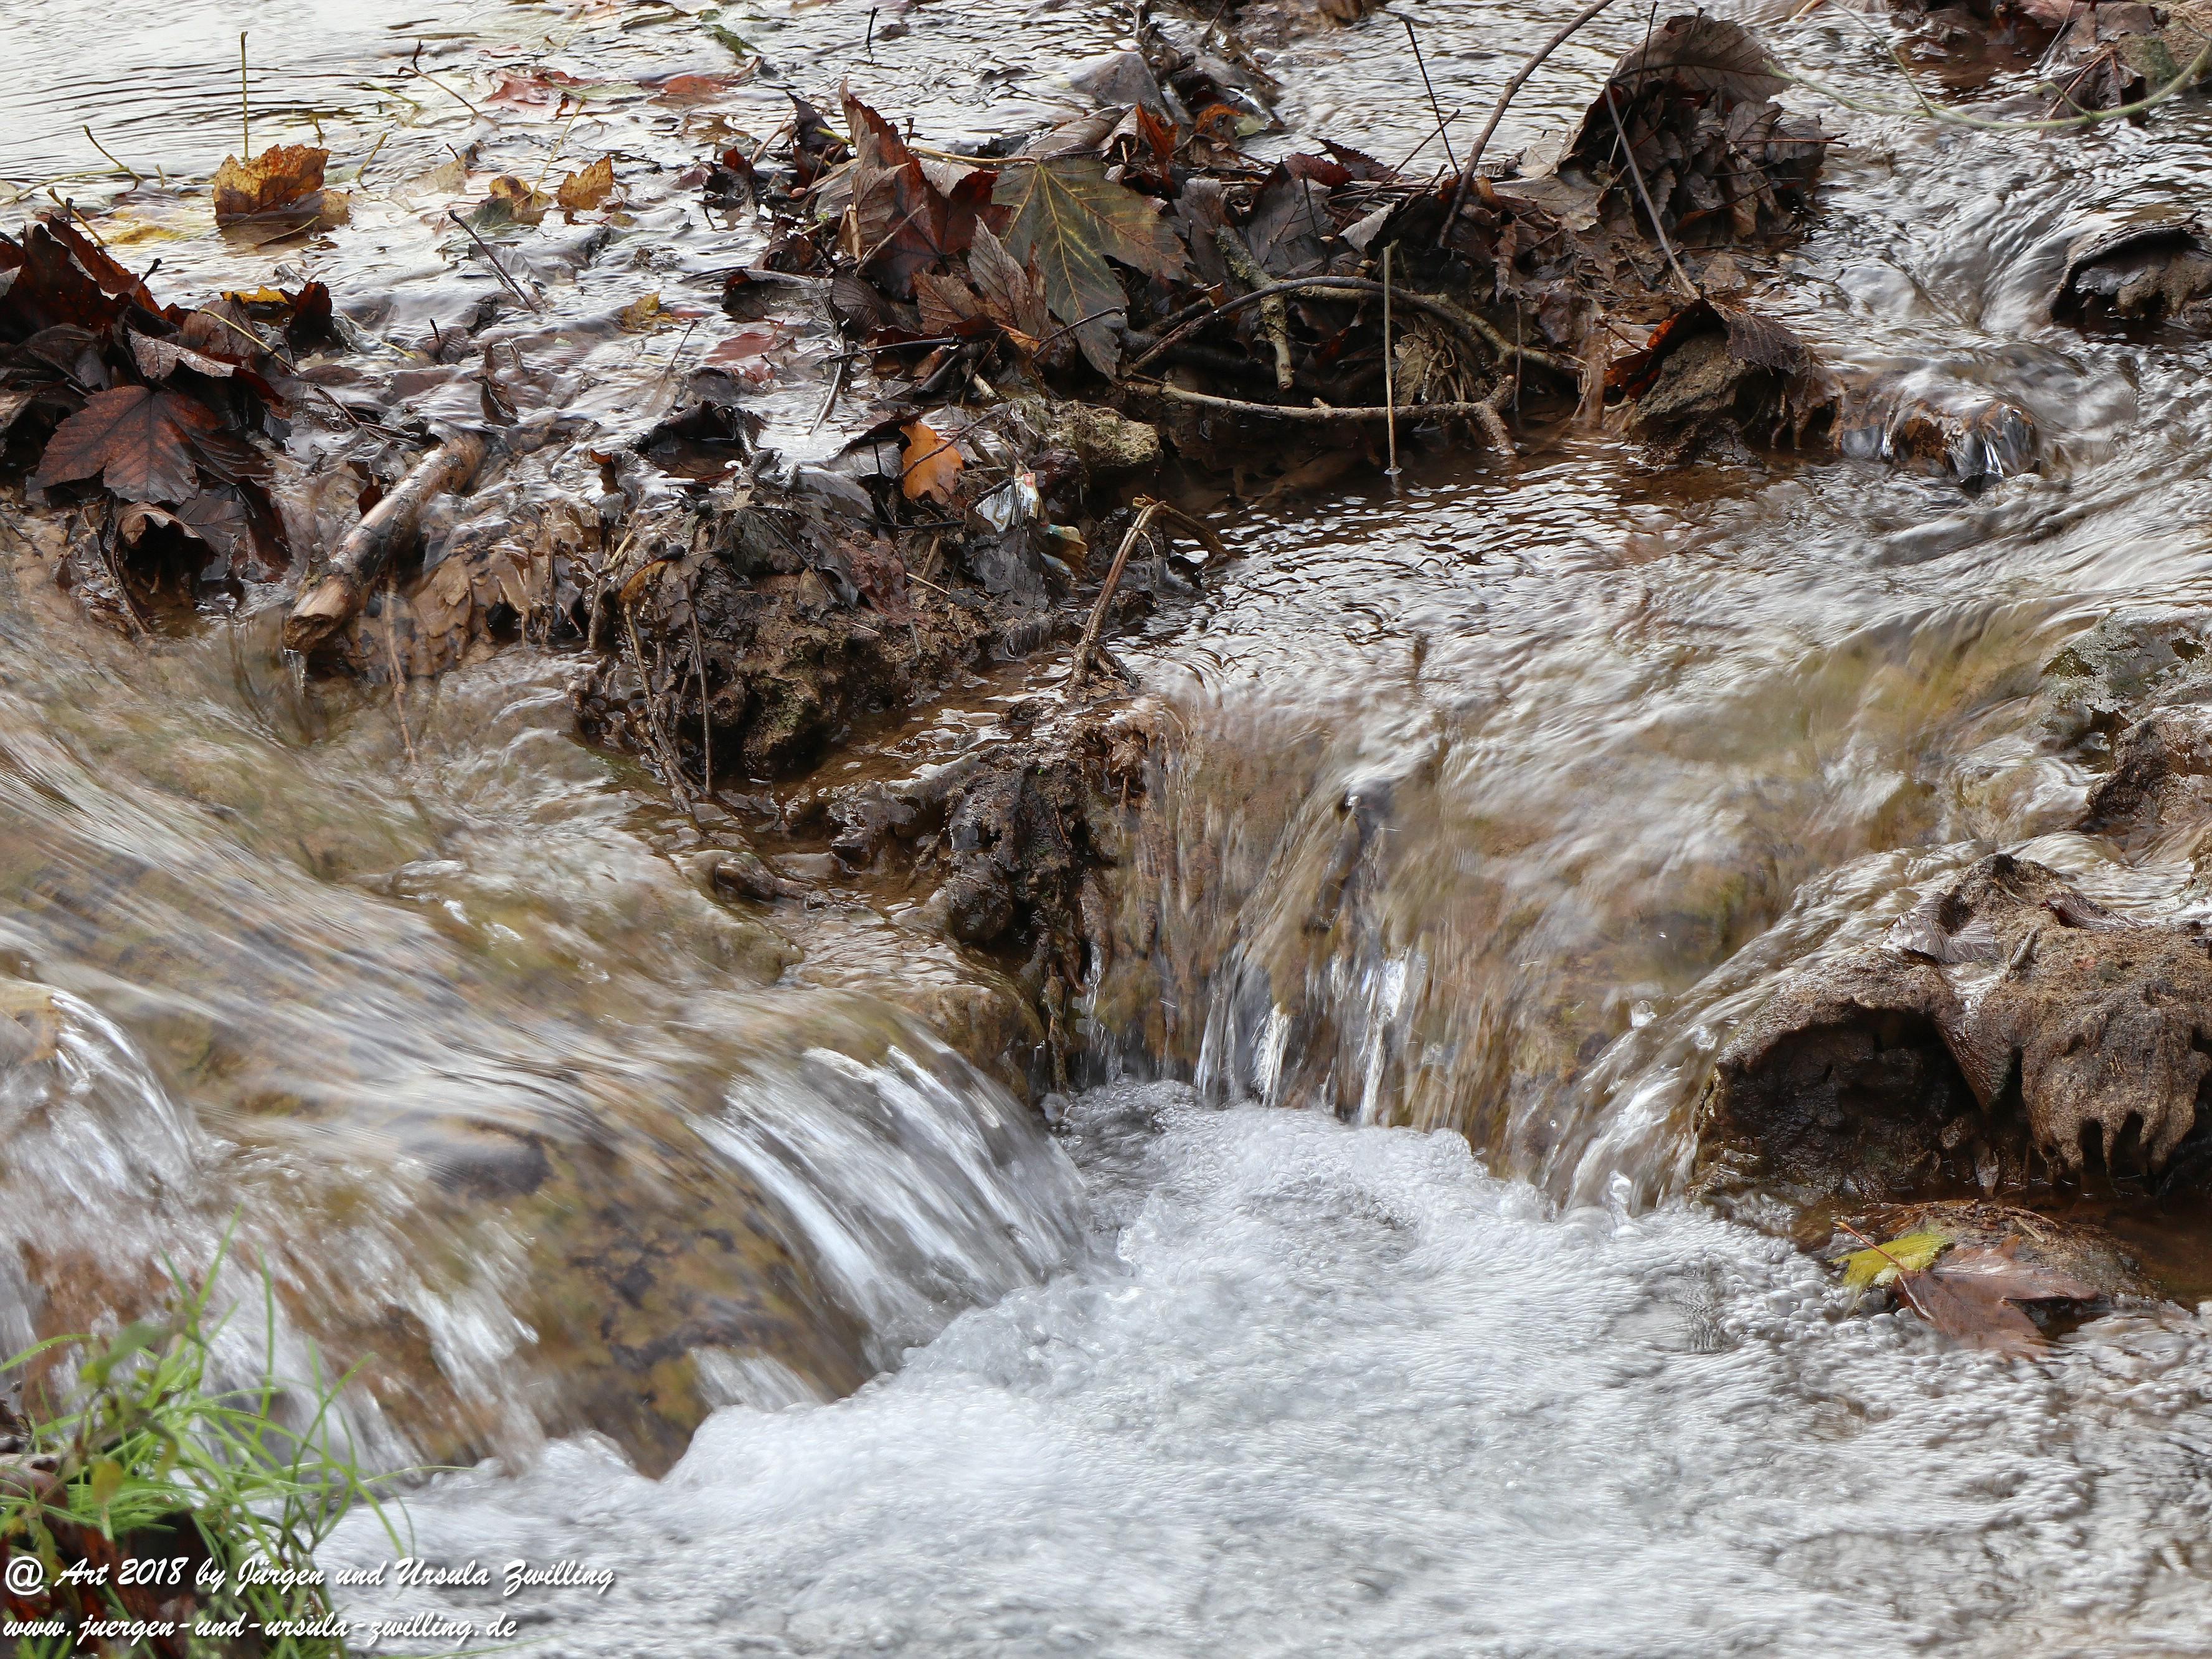 Treffpunkt Wasser